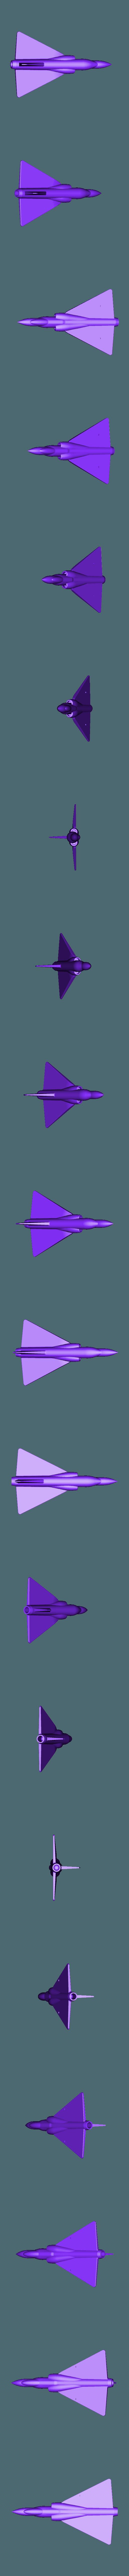 mirage_2000_v0.stl Télécharger fichier STL gratuit Jouet Mirage 2000 • Objet imprimable en 3D, jp_math